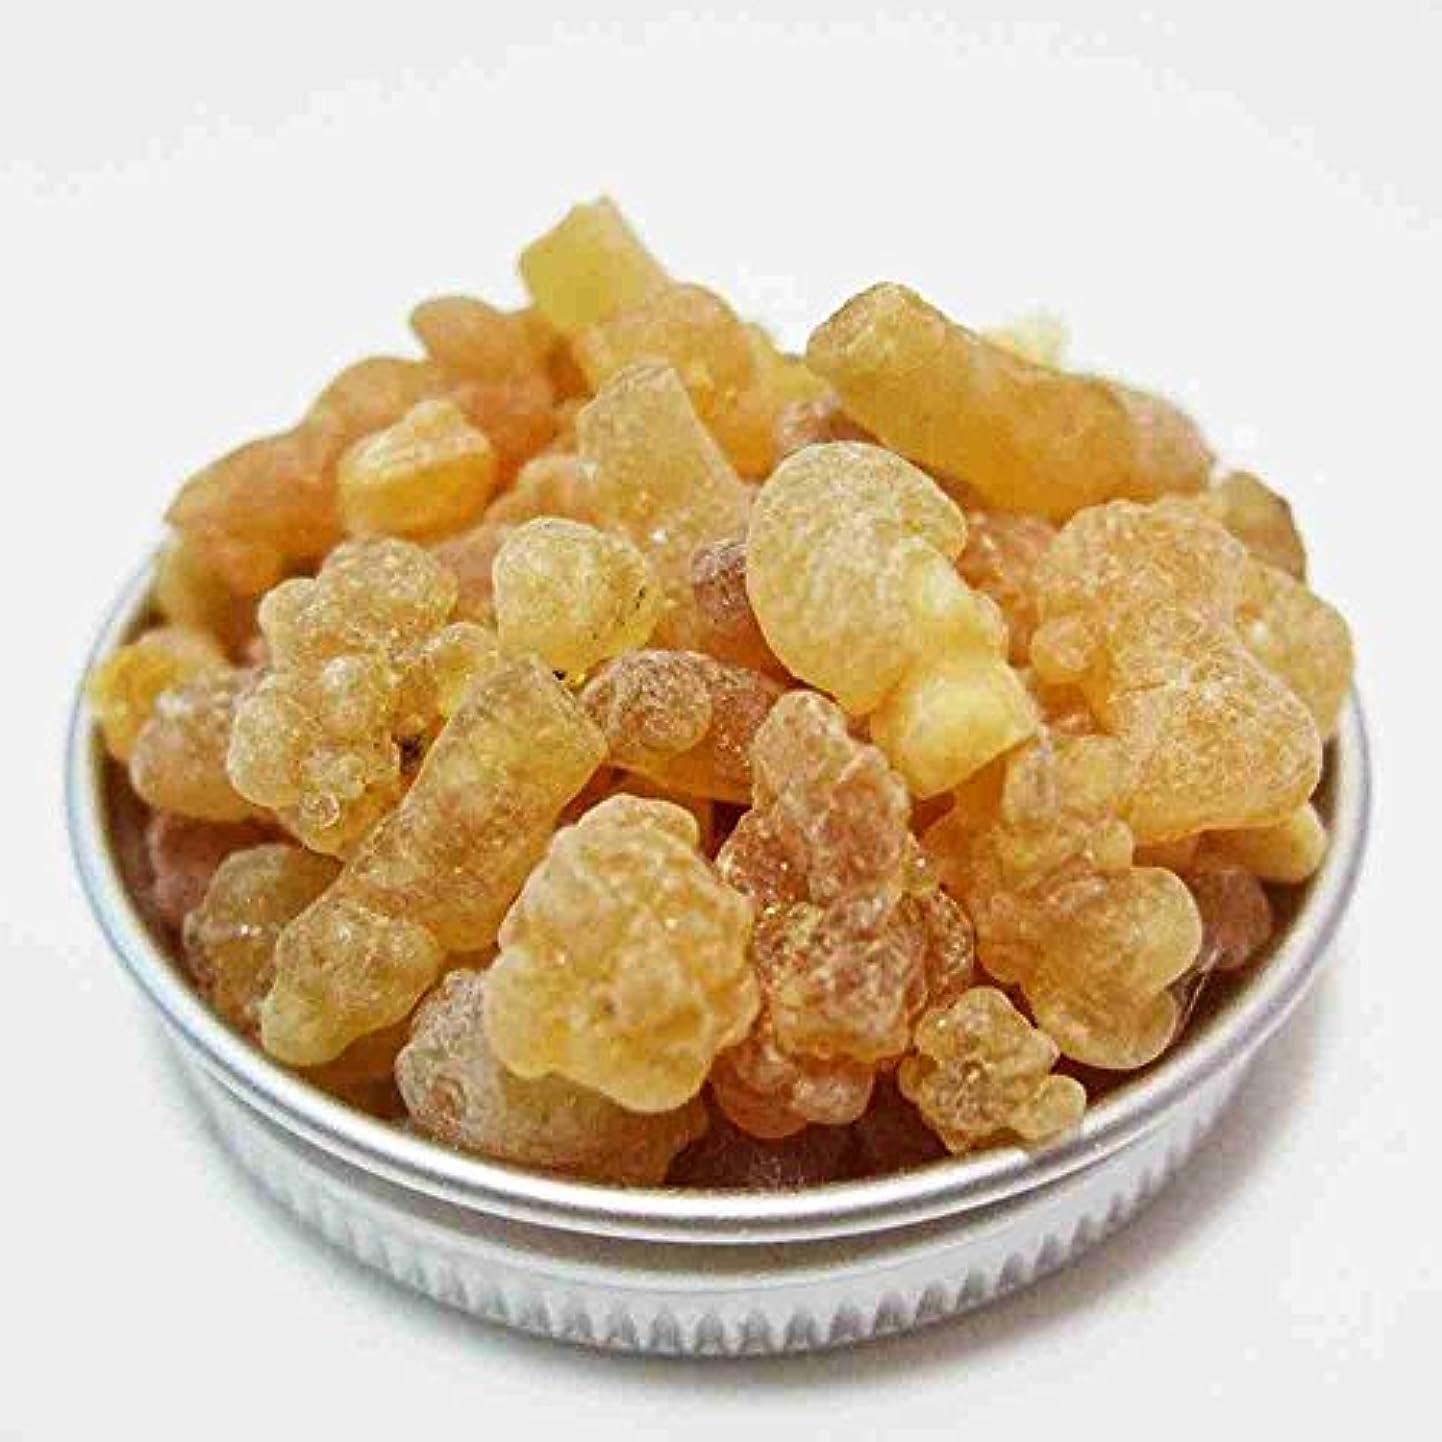 ミルクシュガー森林フランキンセンス Frsnkincense (乳香) 天然樹脂香 フランキンセンス(乳香), 1 Ounce (28 g)